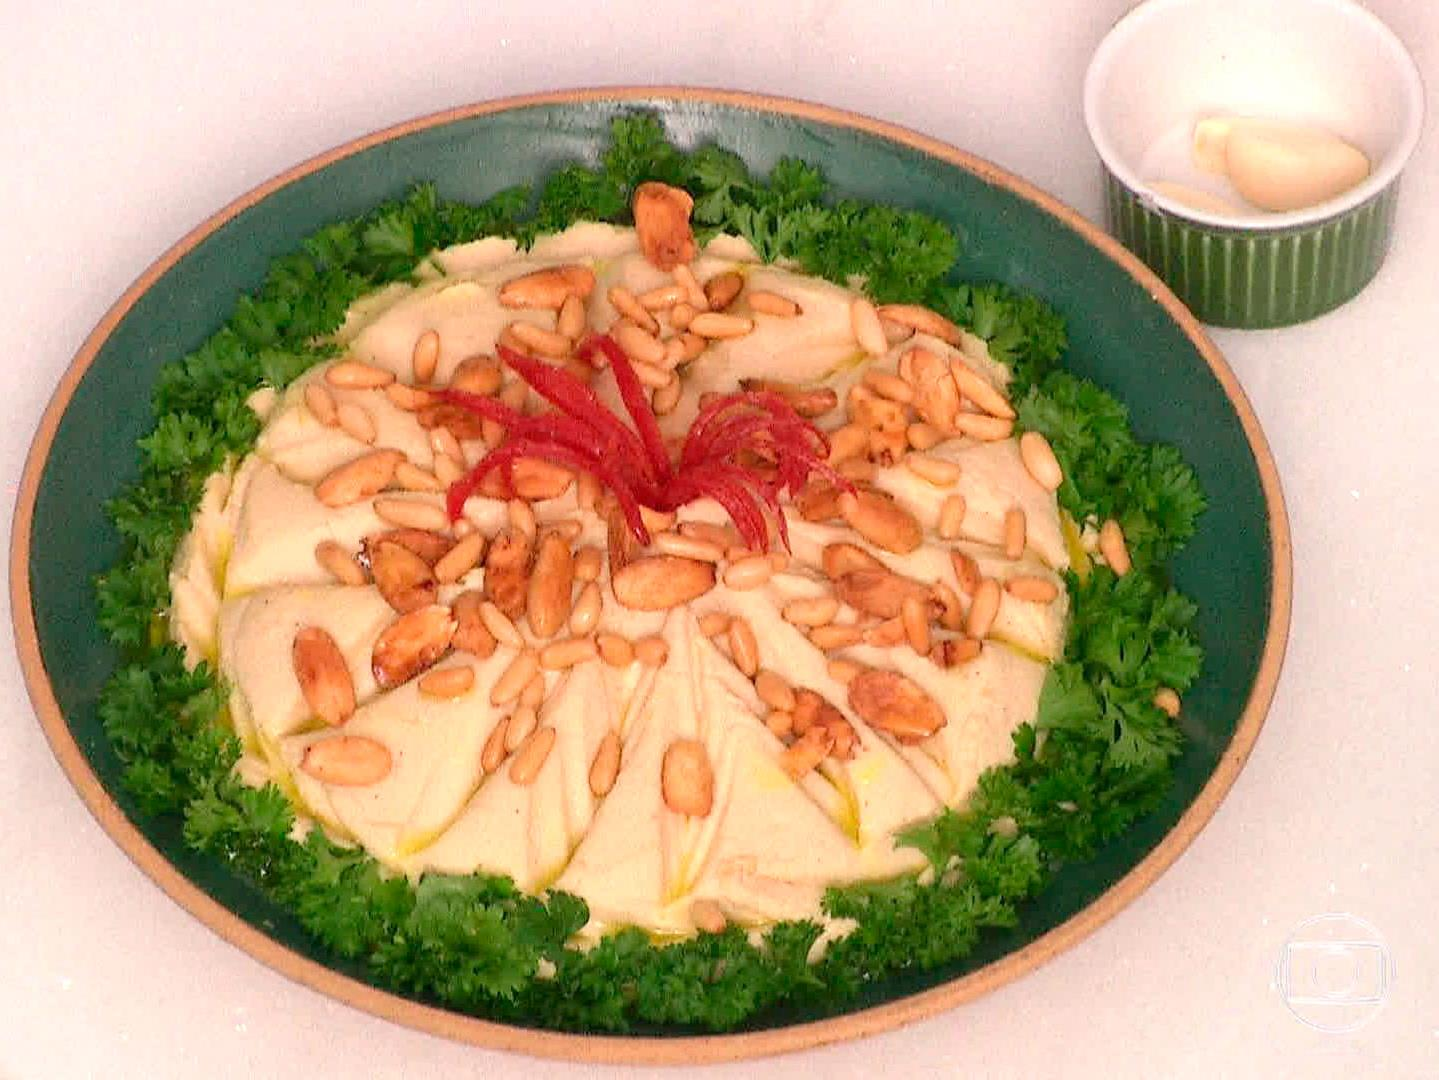 Hummus com molho tahine (Hommos di tahine)